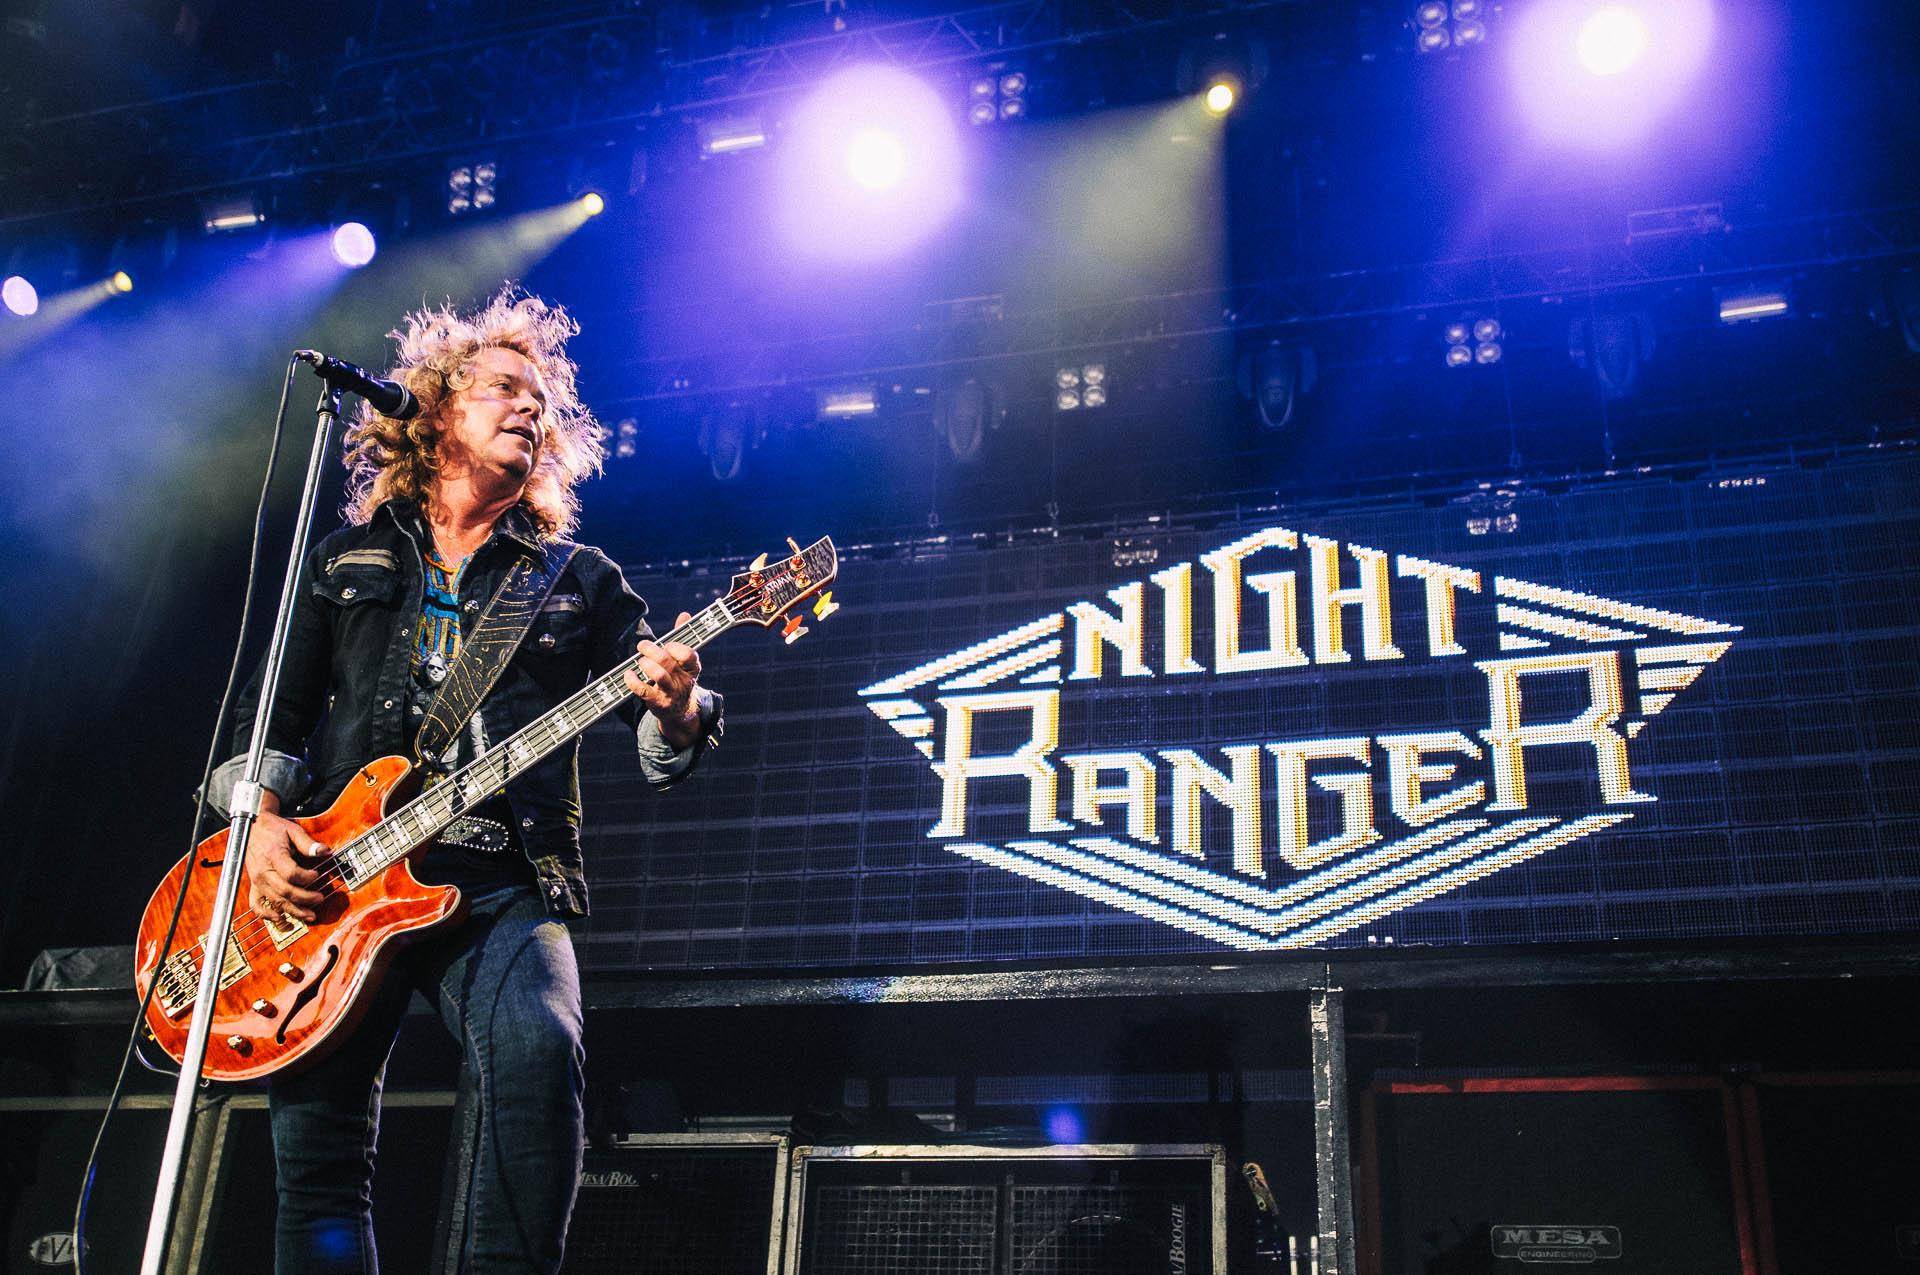 night_ranger_klipsch_music_center_indianapolis_2011-07